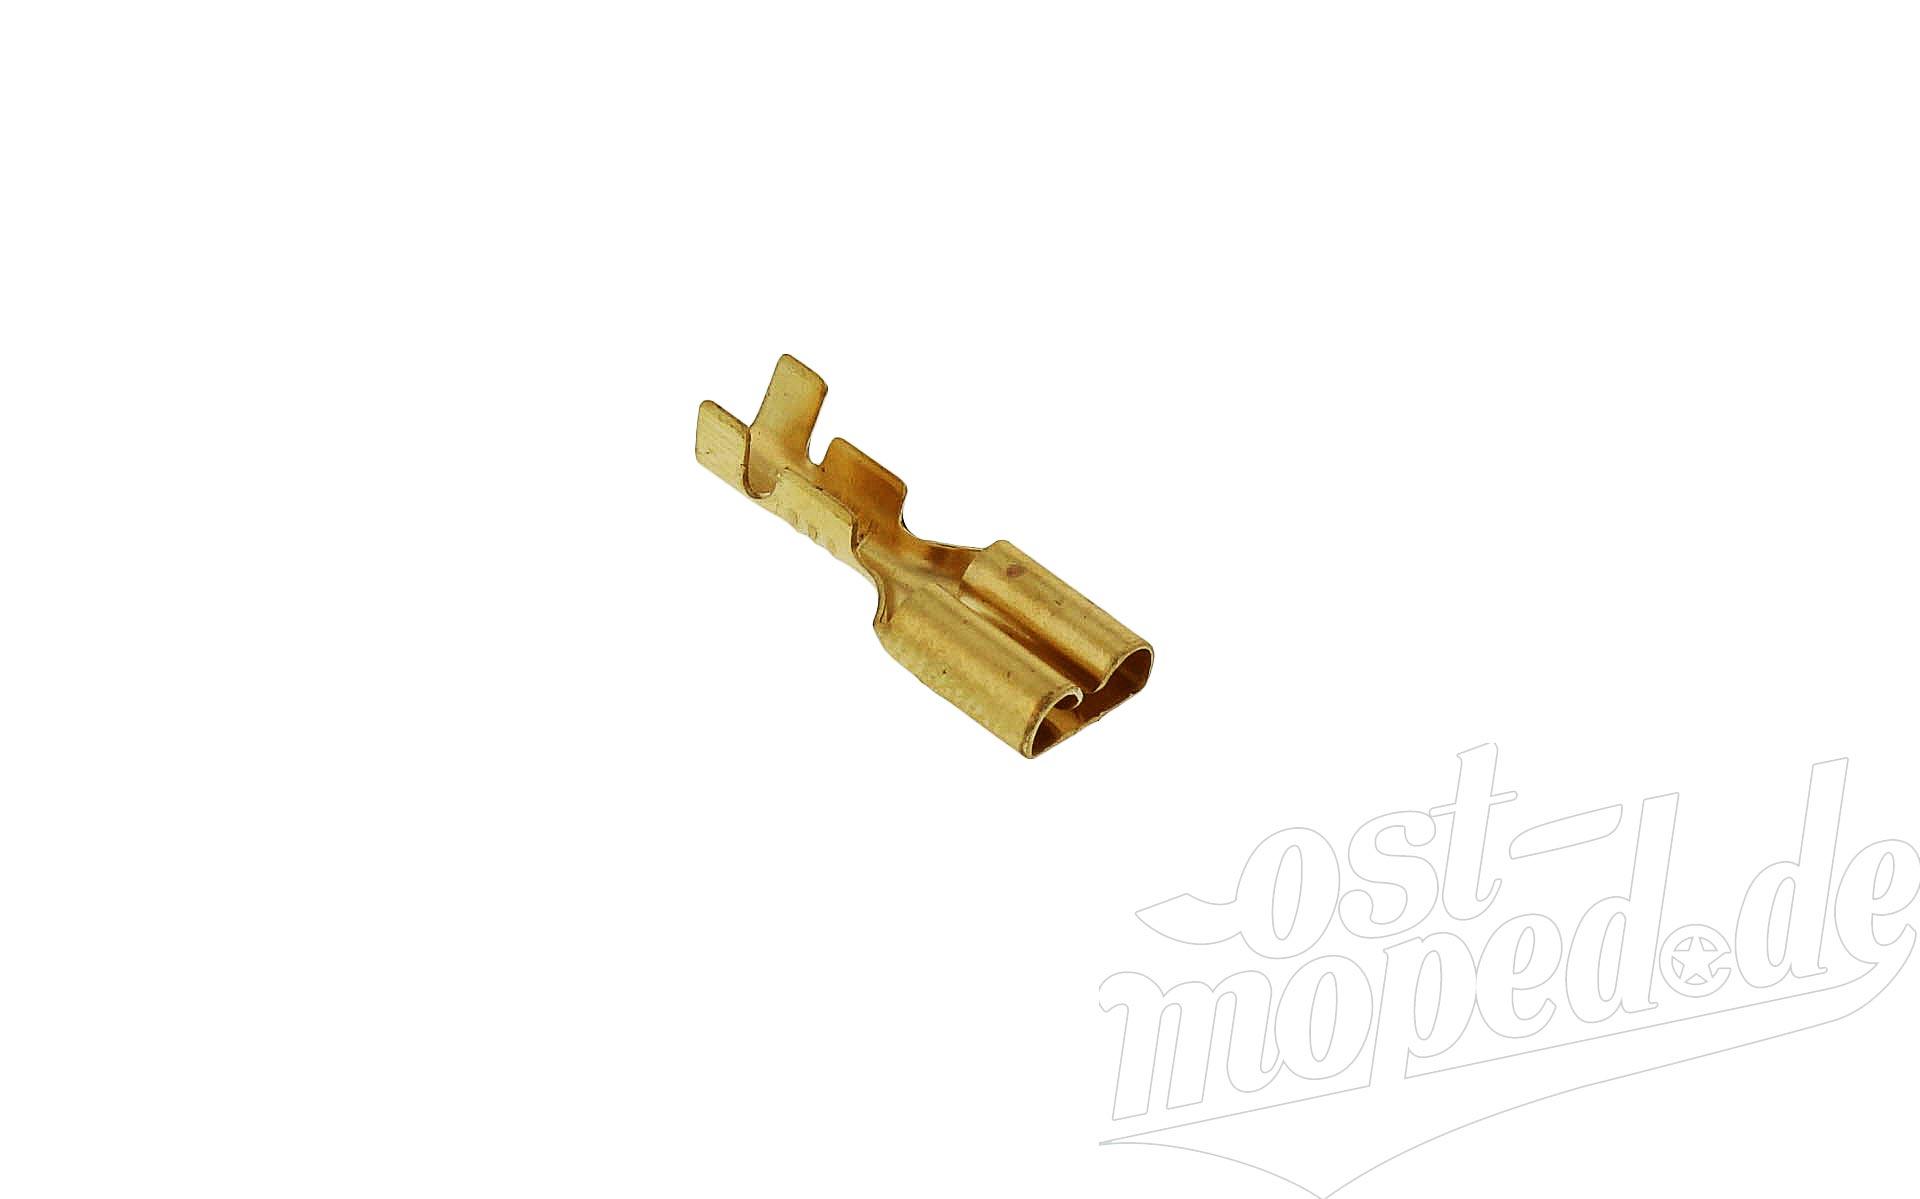 Flachsteckhülse 6,3 mit Rastnase - Kabelschuh   für Kabel 0,75-1,5